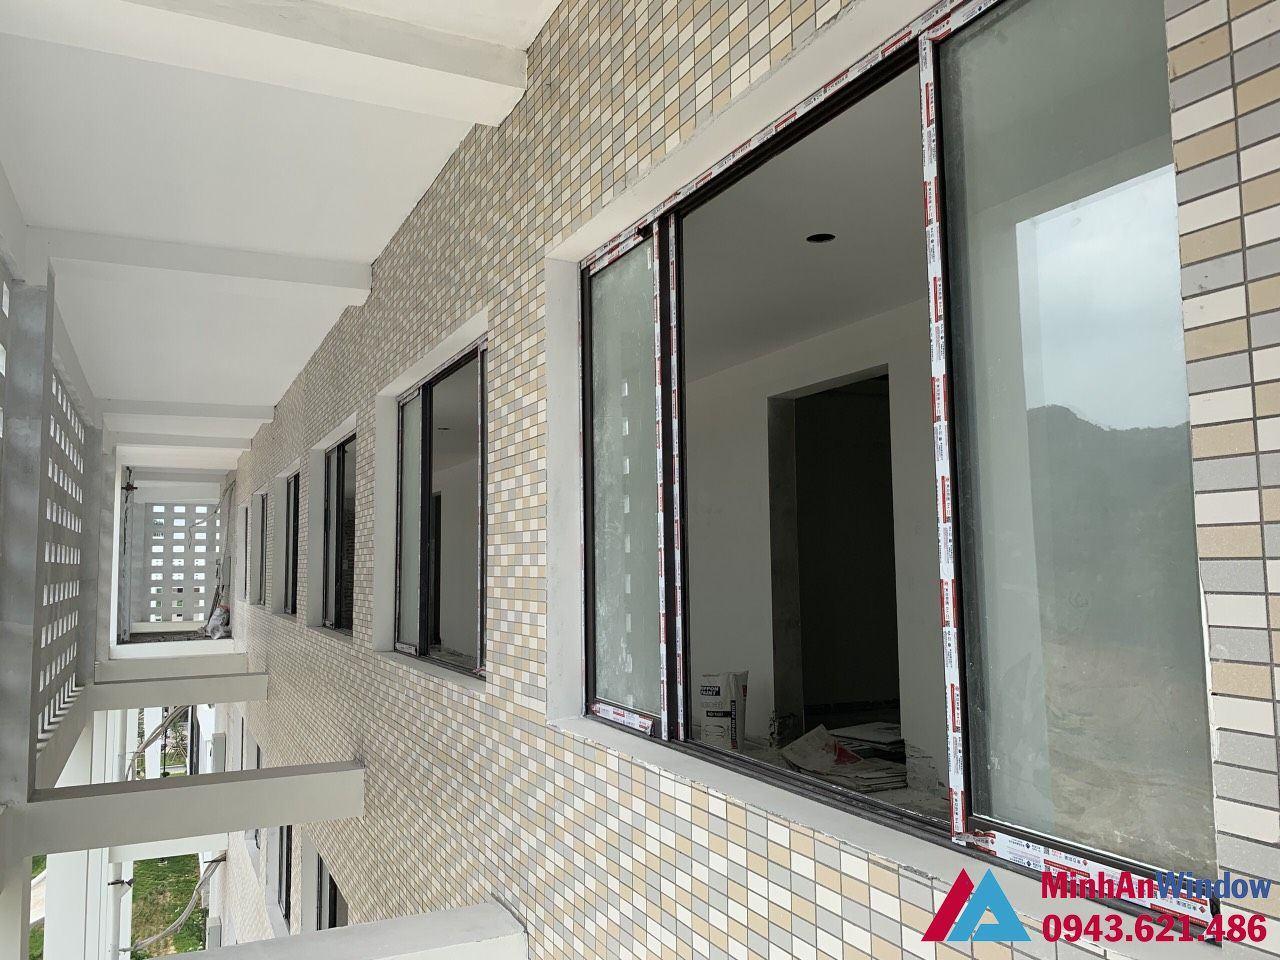 Minh An Window lắp đặt các bộ cửa sổ nhôm kính cho UBND huyện Đồng Hỷ - Thái Nguyên